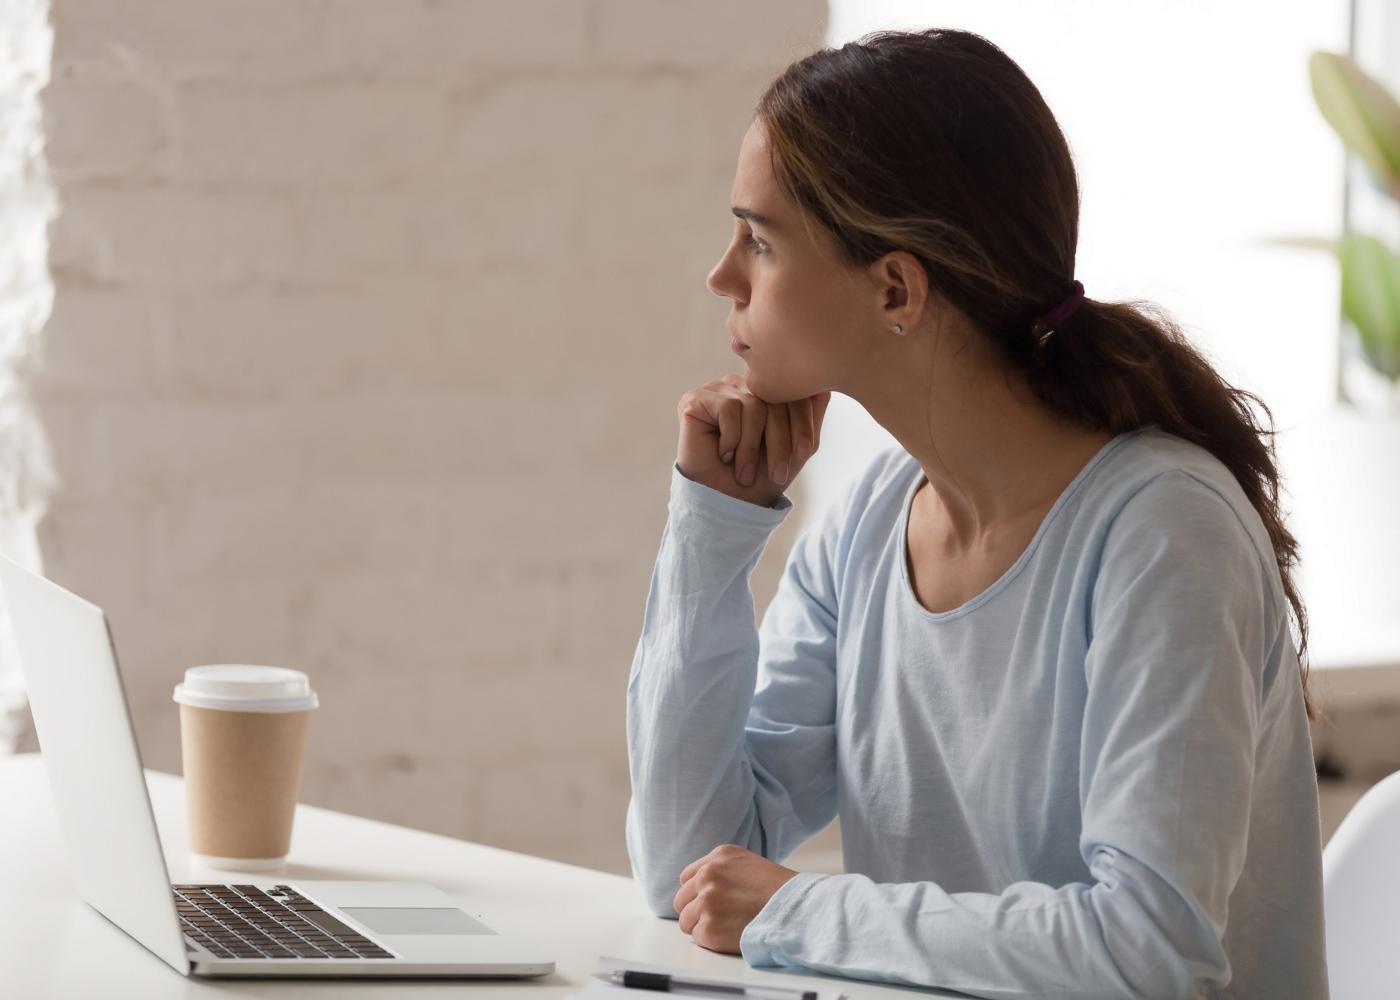 Procrastinação: mulher distraída do trabalho